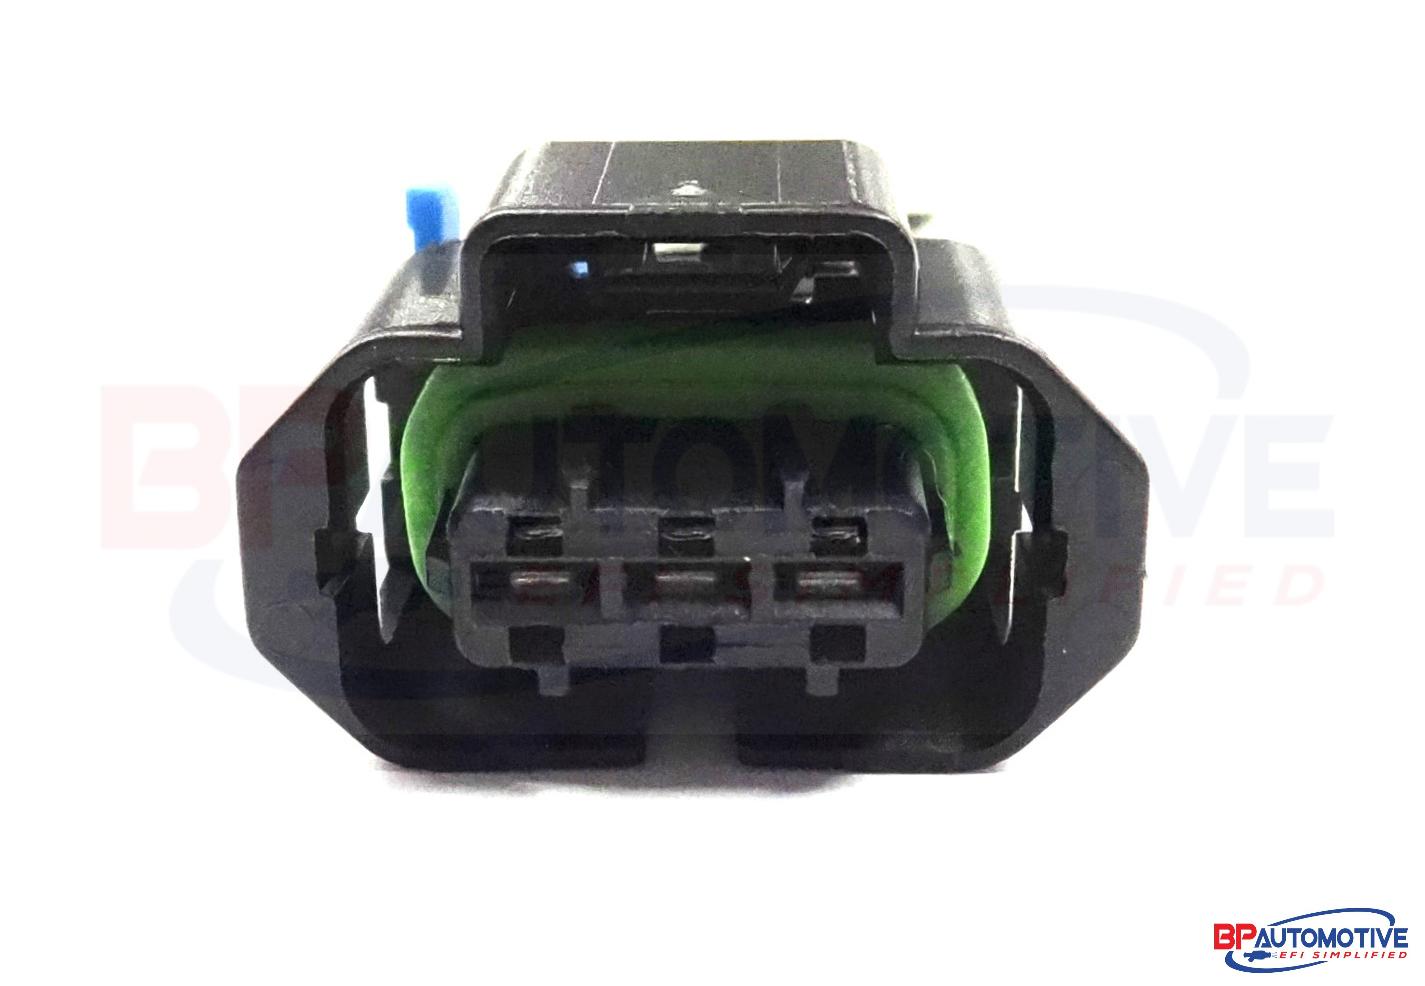 LS2 to LS3 LS9 LSA MAP Sensor Adapter